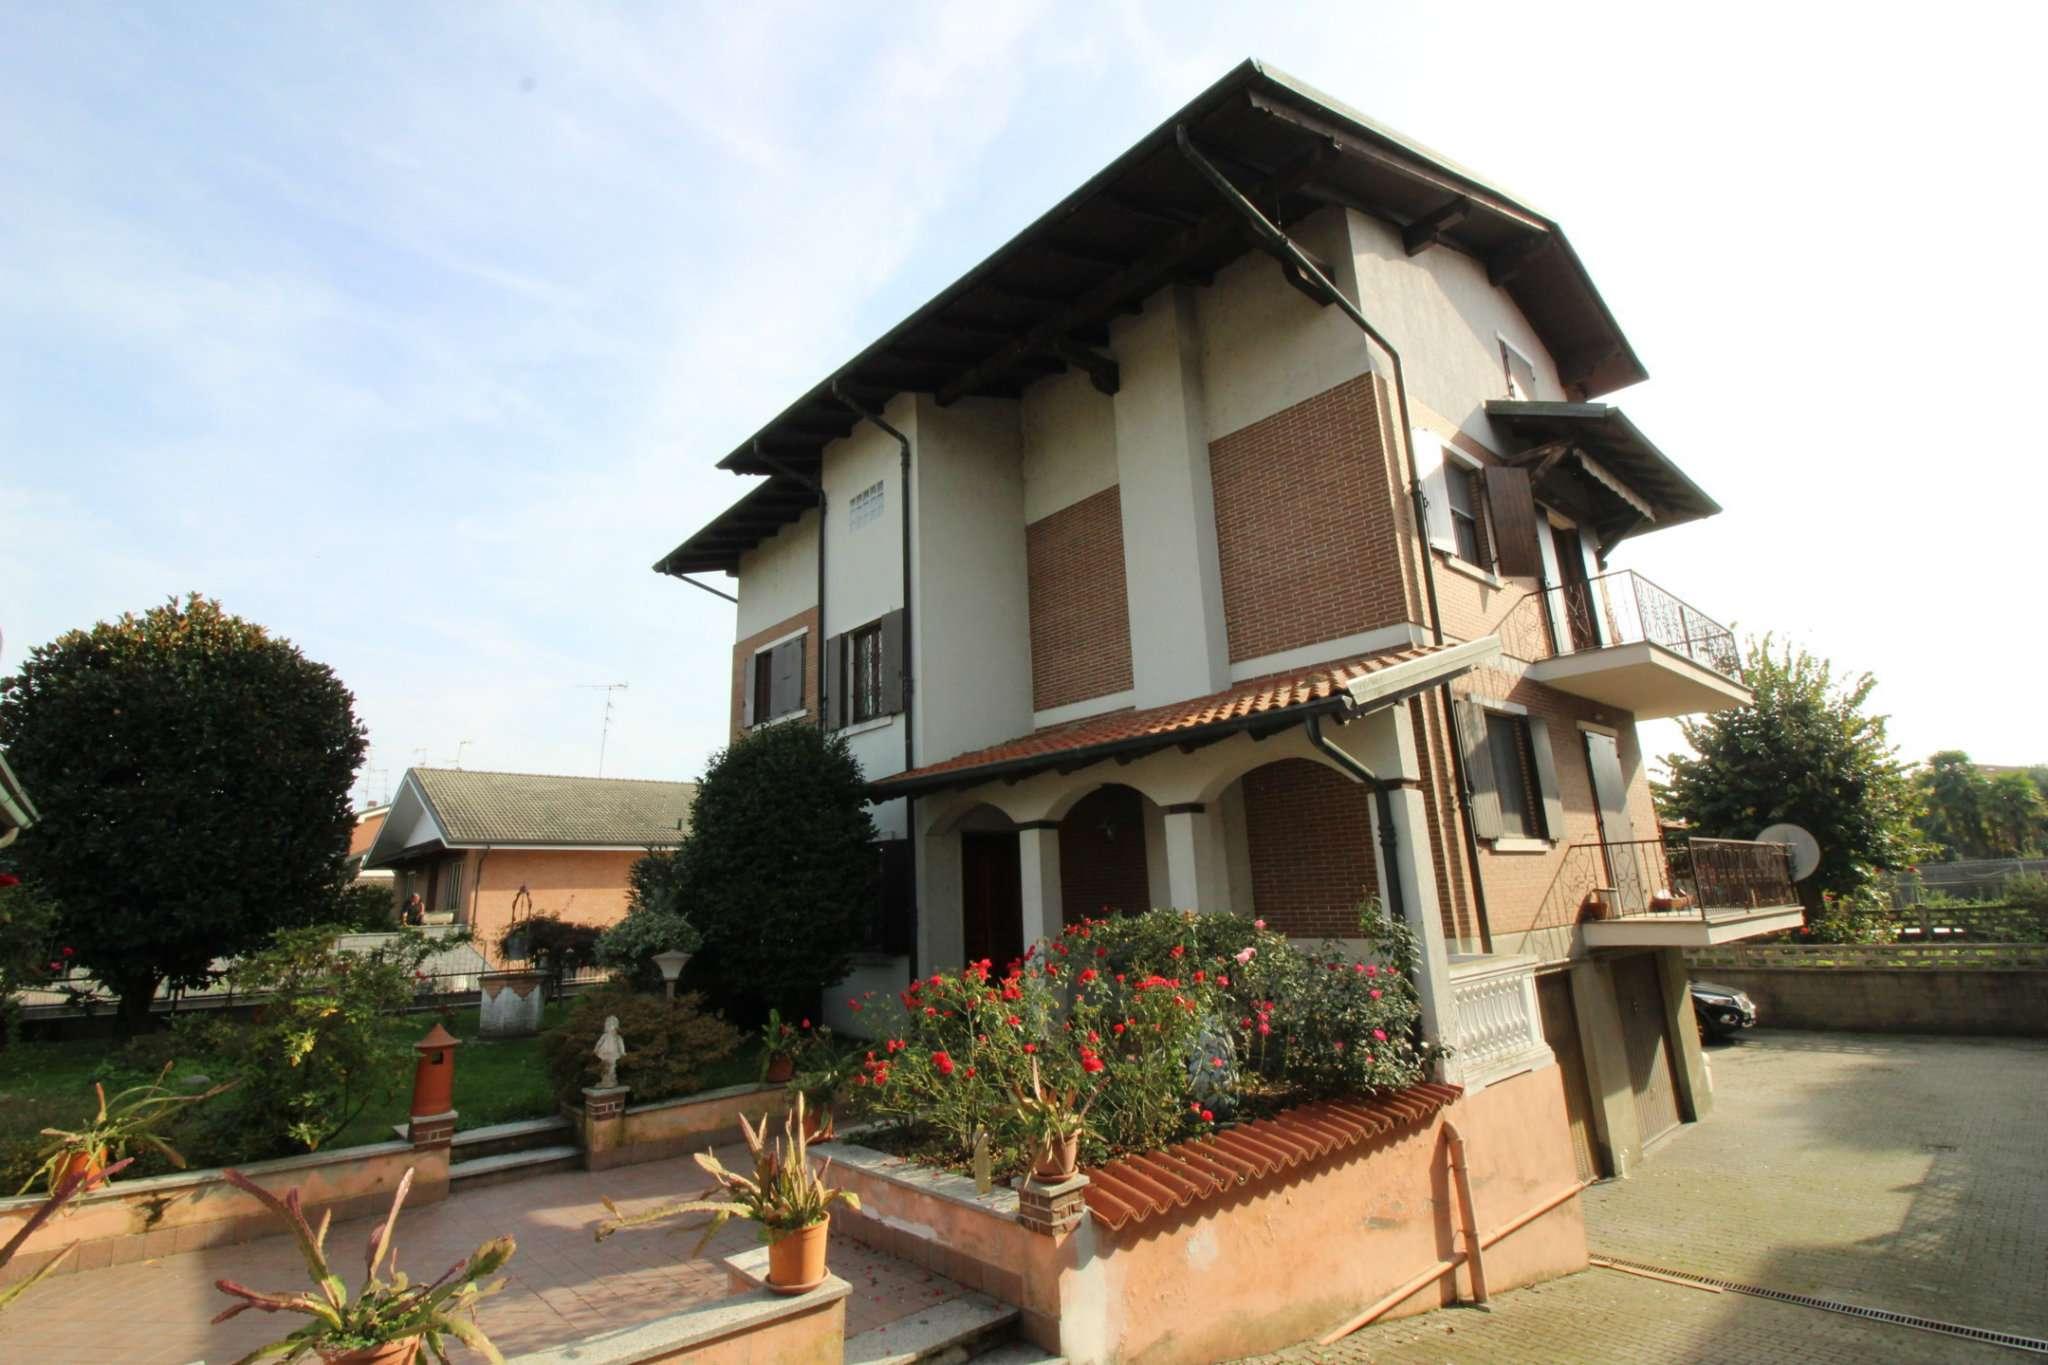 Villa Tri-Quadrifamiliare in vendita a Caresanablot, 10 locali, prezzo € 349.000 | PortaleAgenzieImmobiliari.it